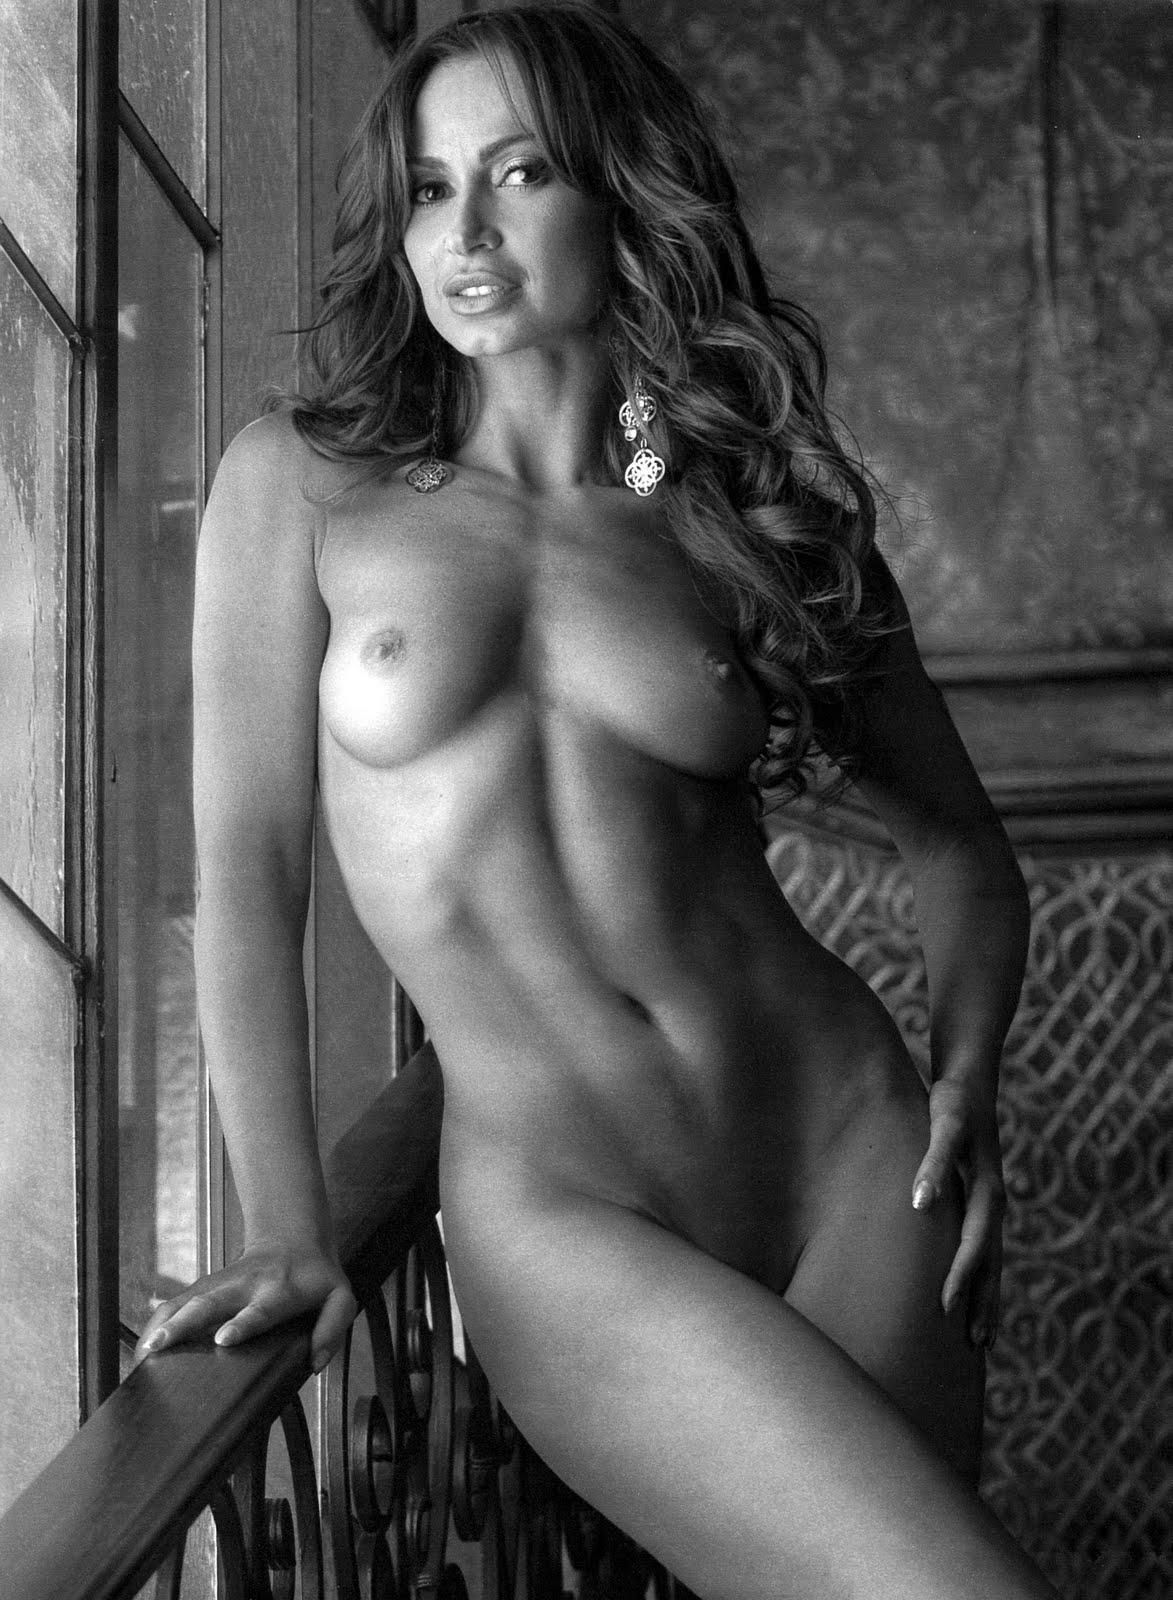 http://2.bp.blogspot.com/-twJ3Q5nXnQQ/Ta5FndYq1NI/AAAAAAAAAEQ/ll8mWfwD-mM/s1600/Karina+Smirnoff+Nude+Playboy+Photos+www.GutterUncensored.com+009.jpg